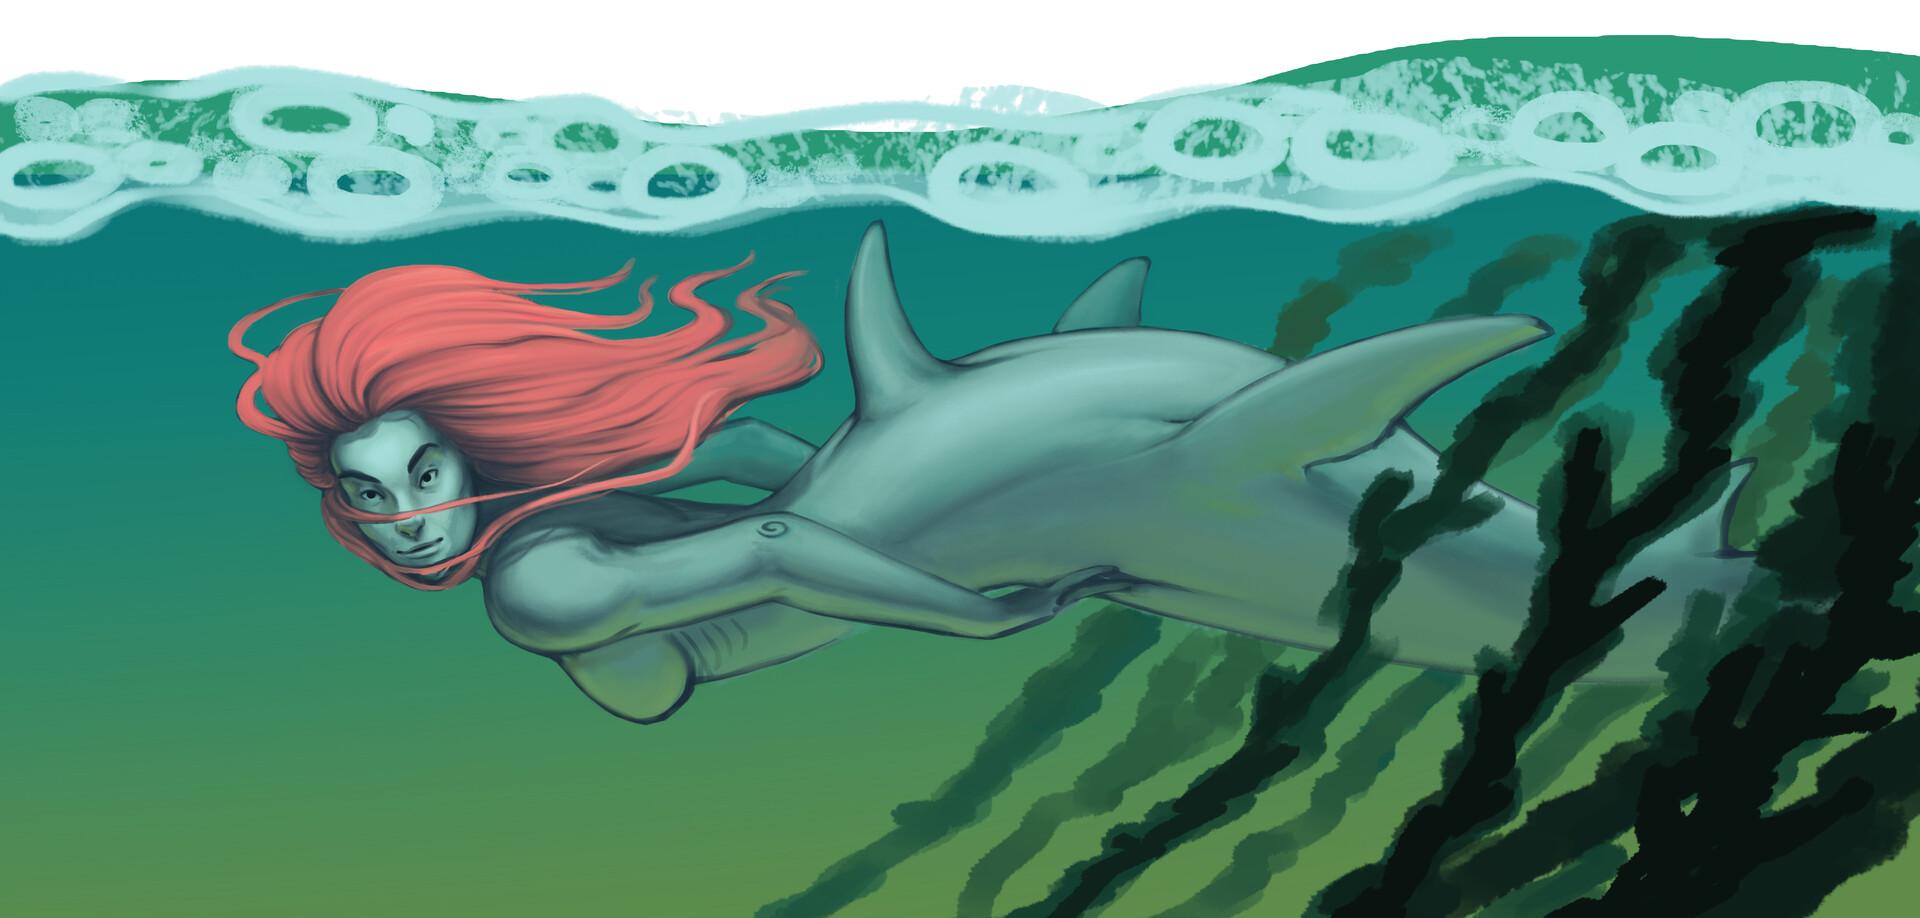 Meagen ruttan mermay shark 03